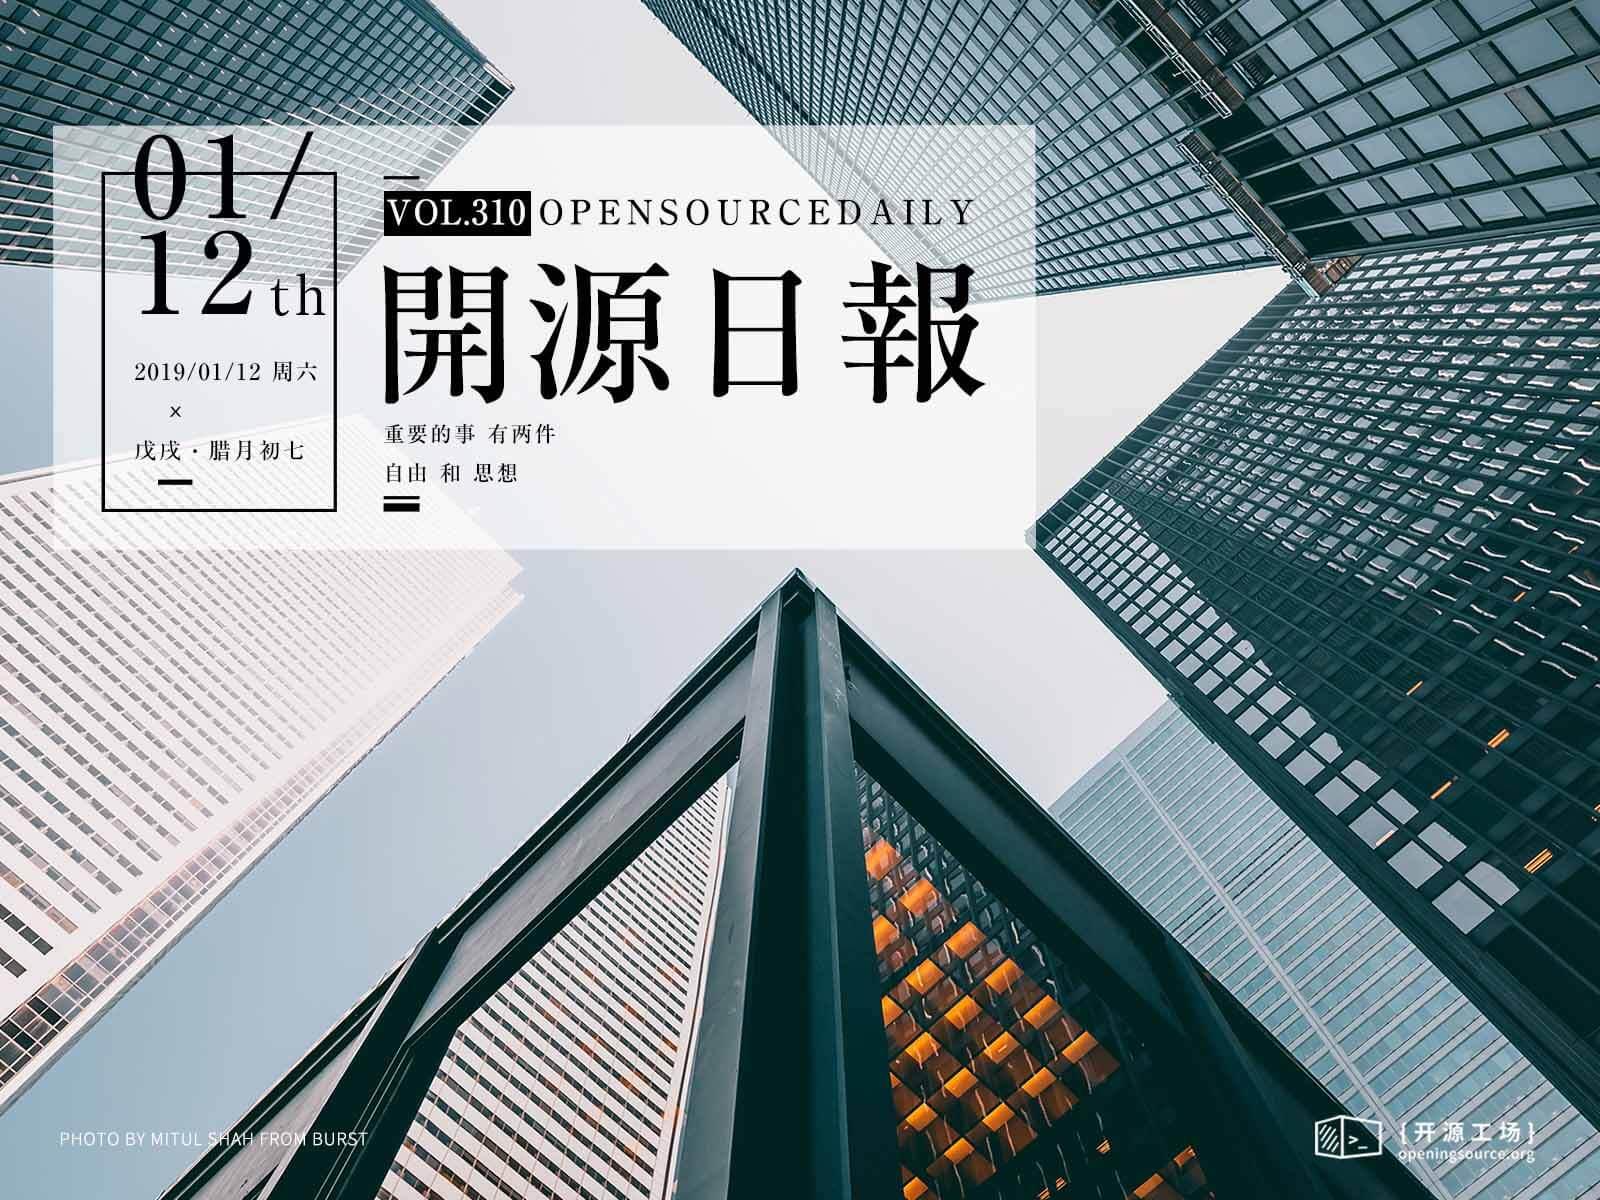 2019年1月12日:开源日报第310期